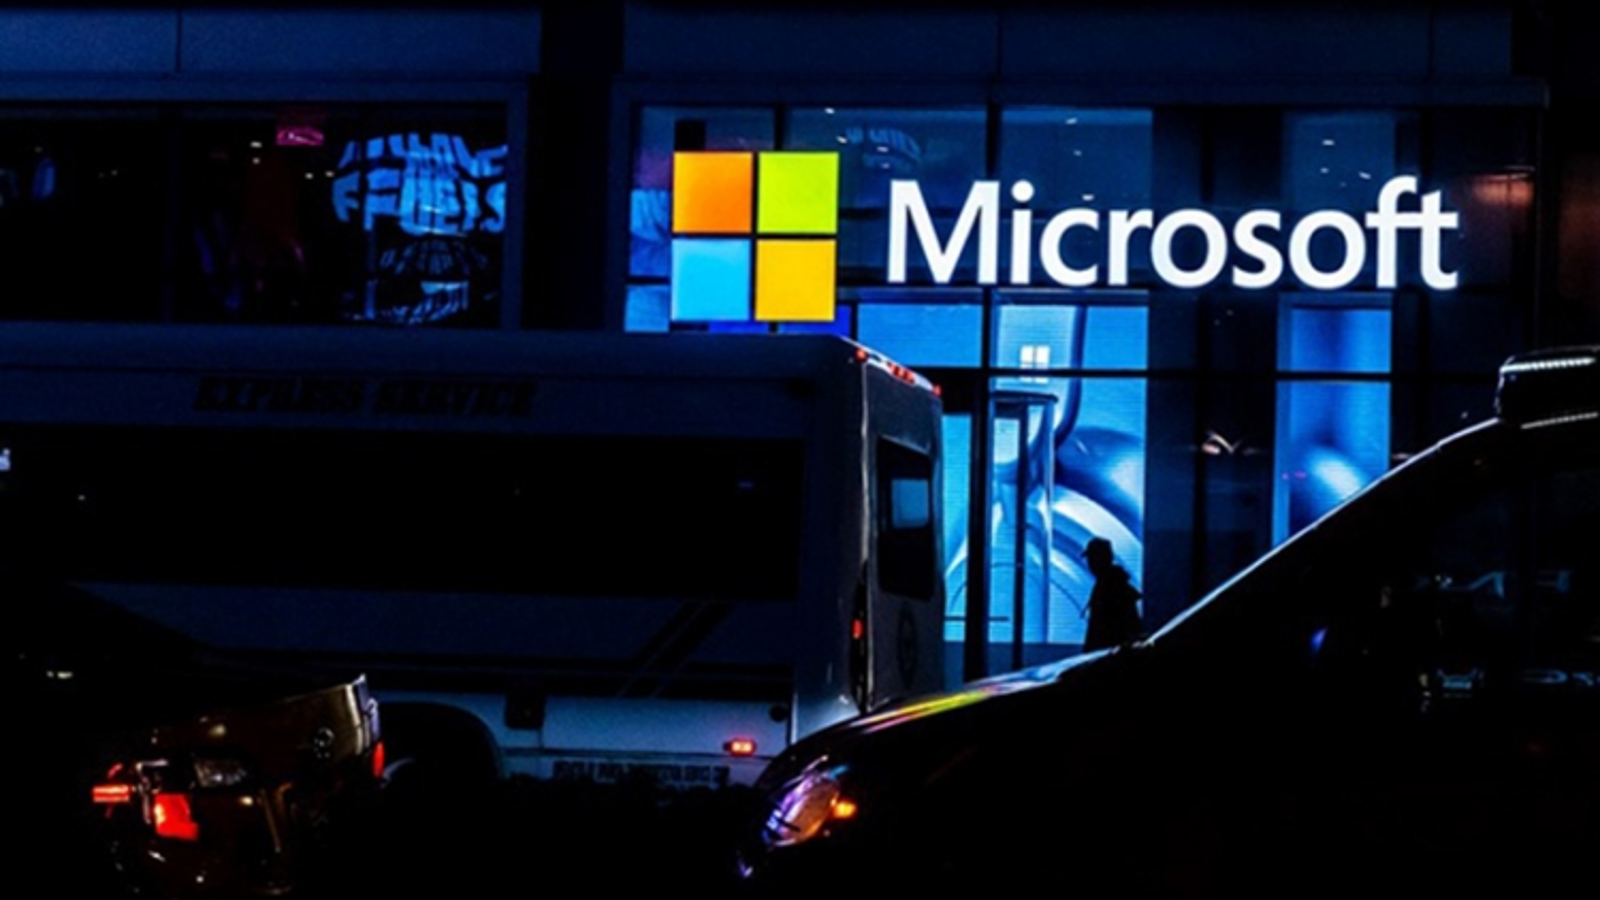 Microsoft kỳ vọng vốn hóa thị trường lên đến 2.000 tỷ USD